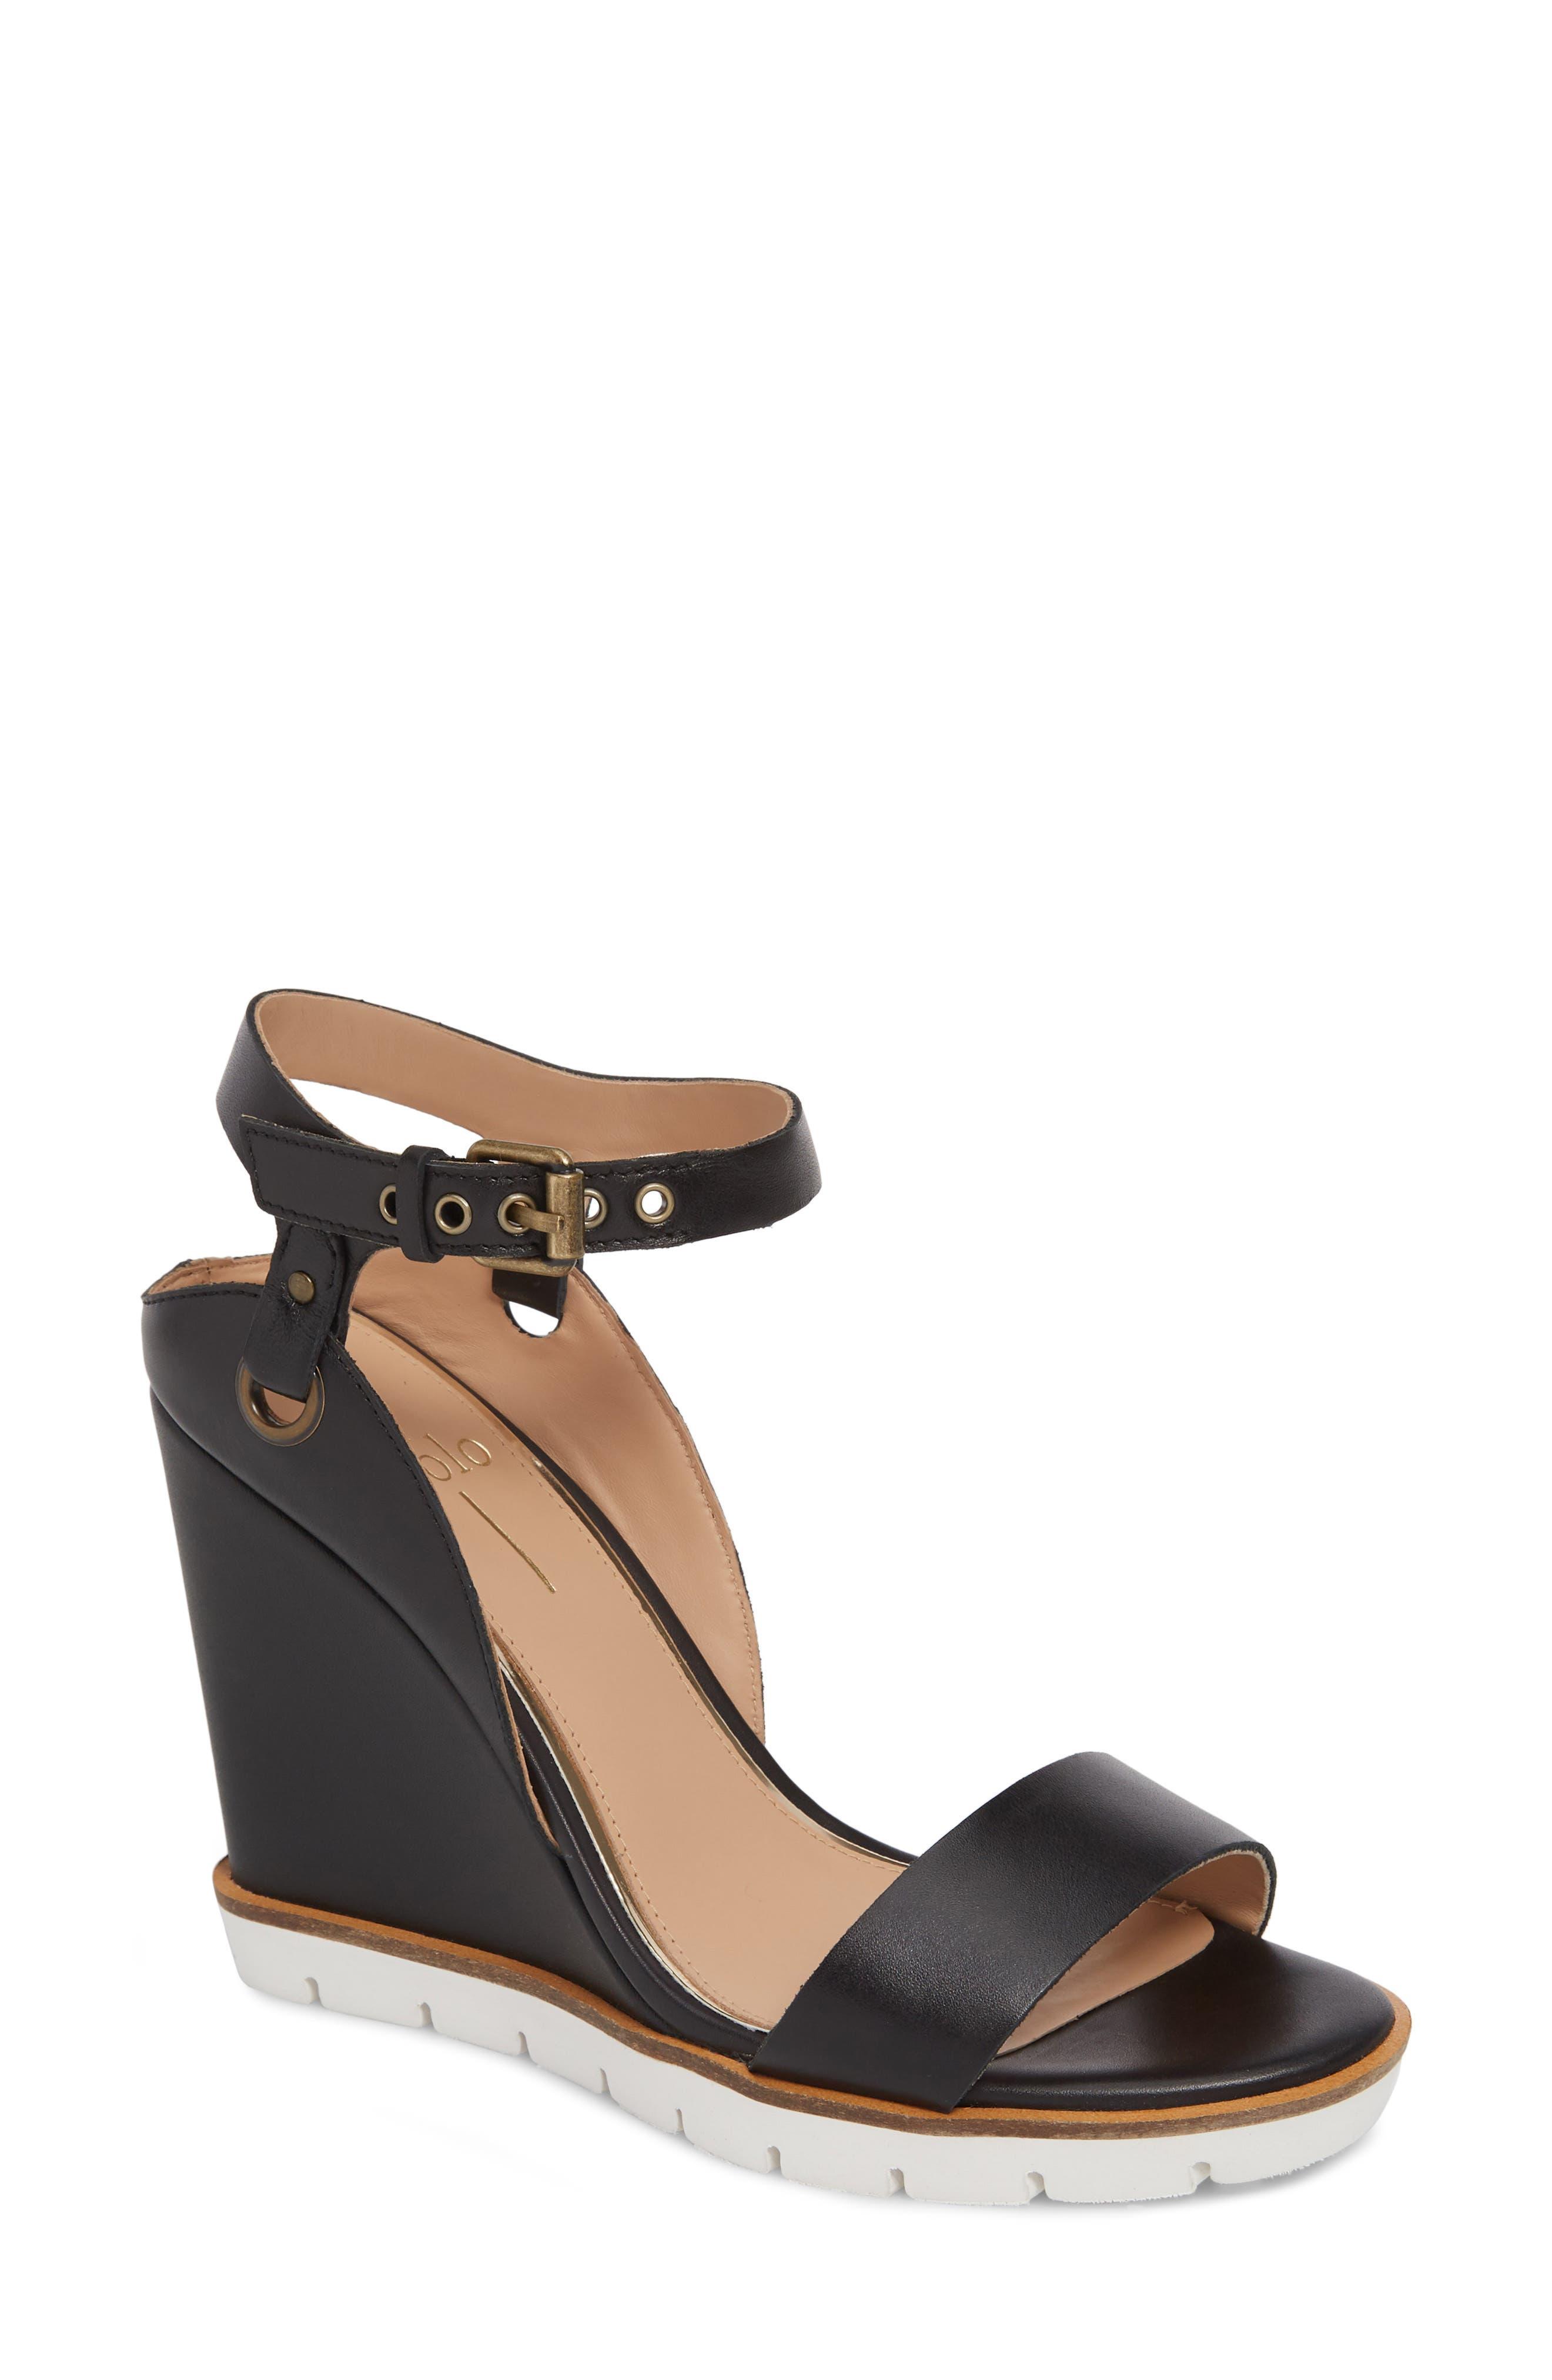 Linea Paolo Shoes Sale \u0026 Clearance